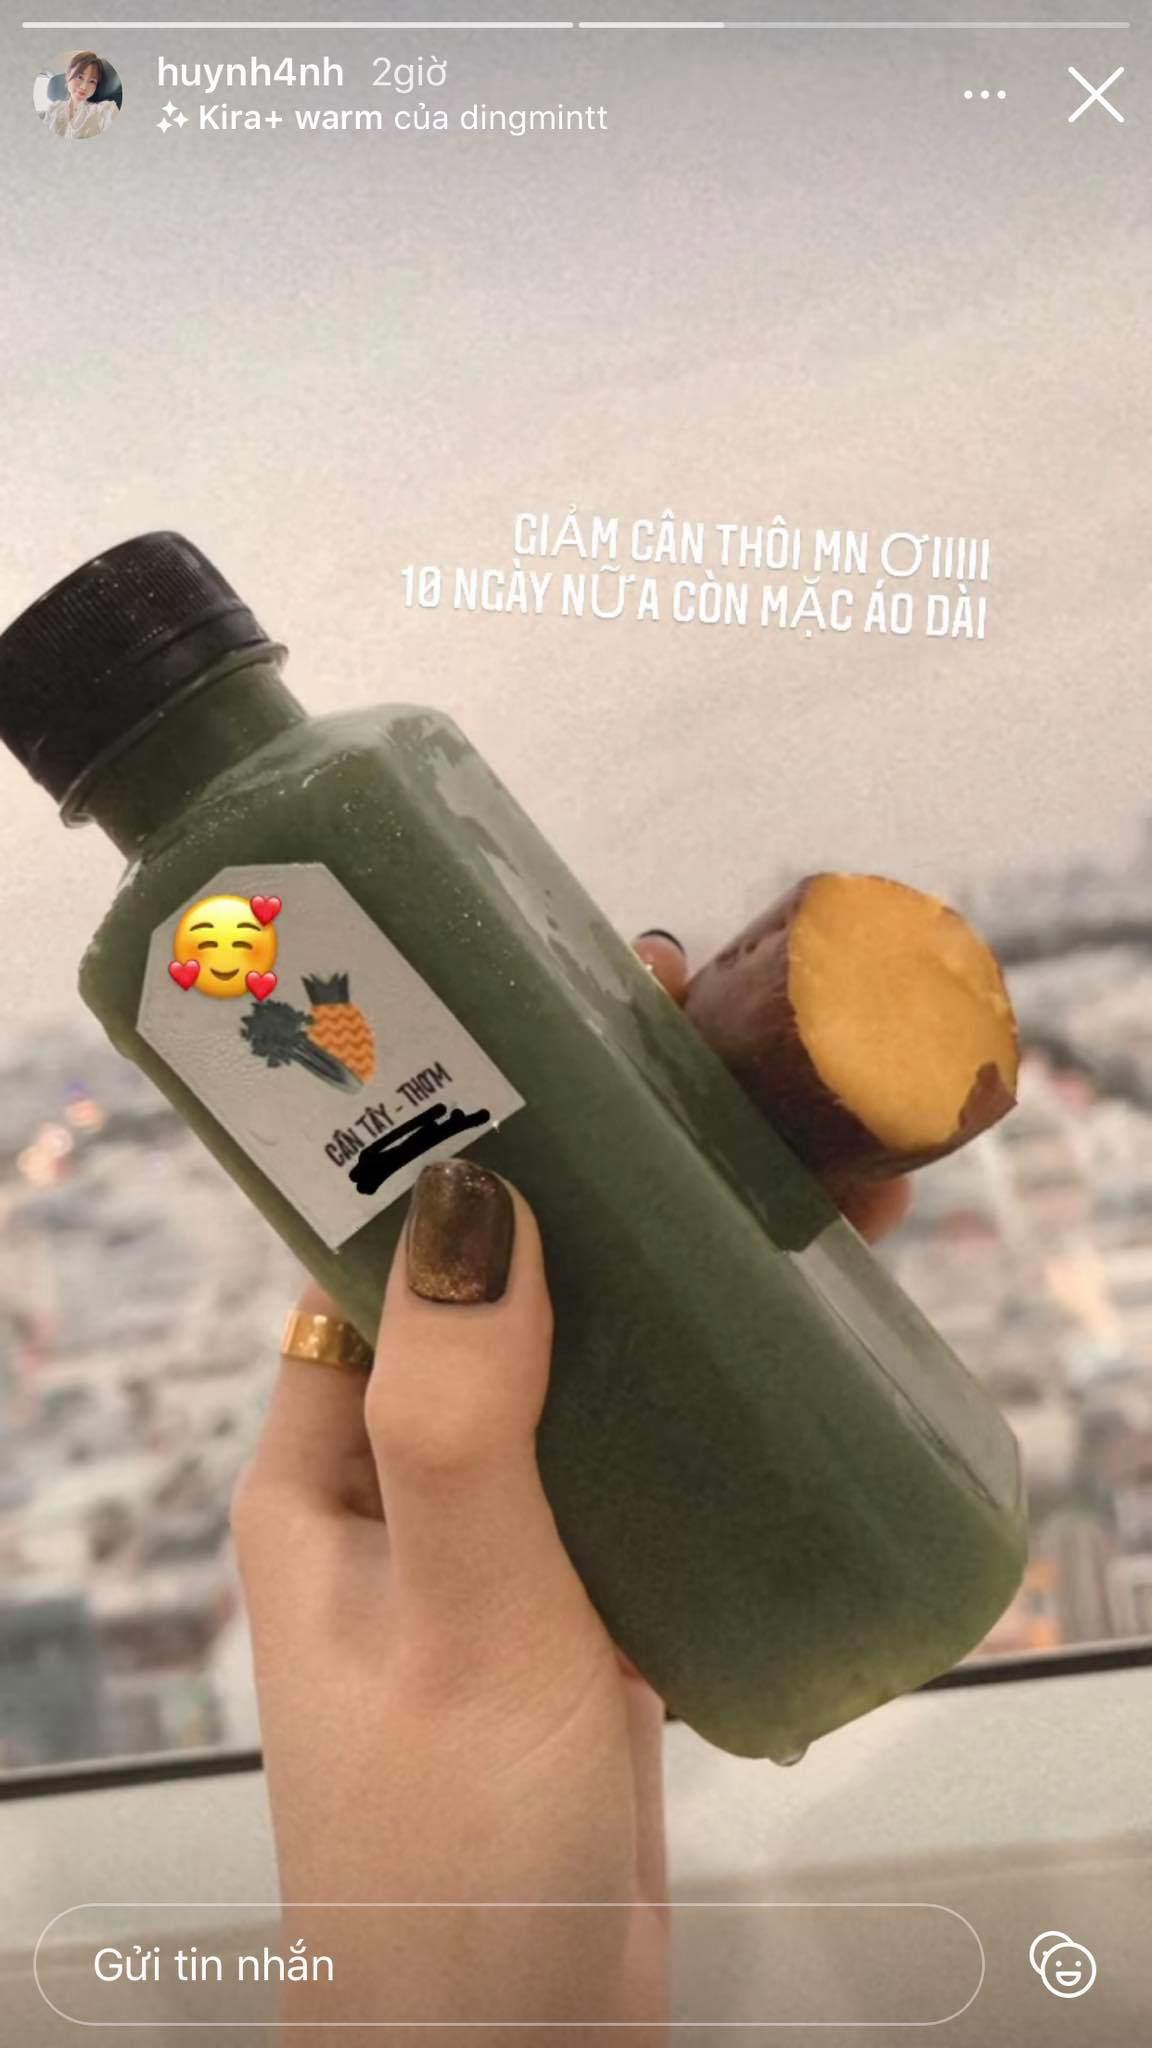 Mặt tròn vo, bạn gái cũ Quang Hải lên dây cót giảm cân đón Tết với thực đơn không ngờ - Hình 7